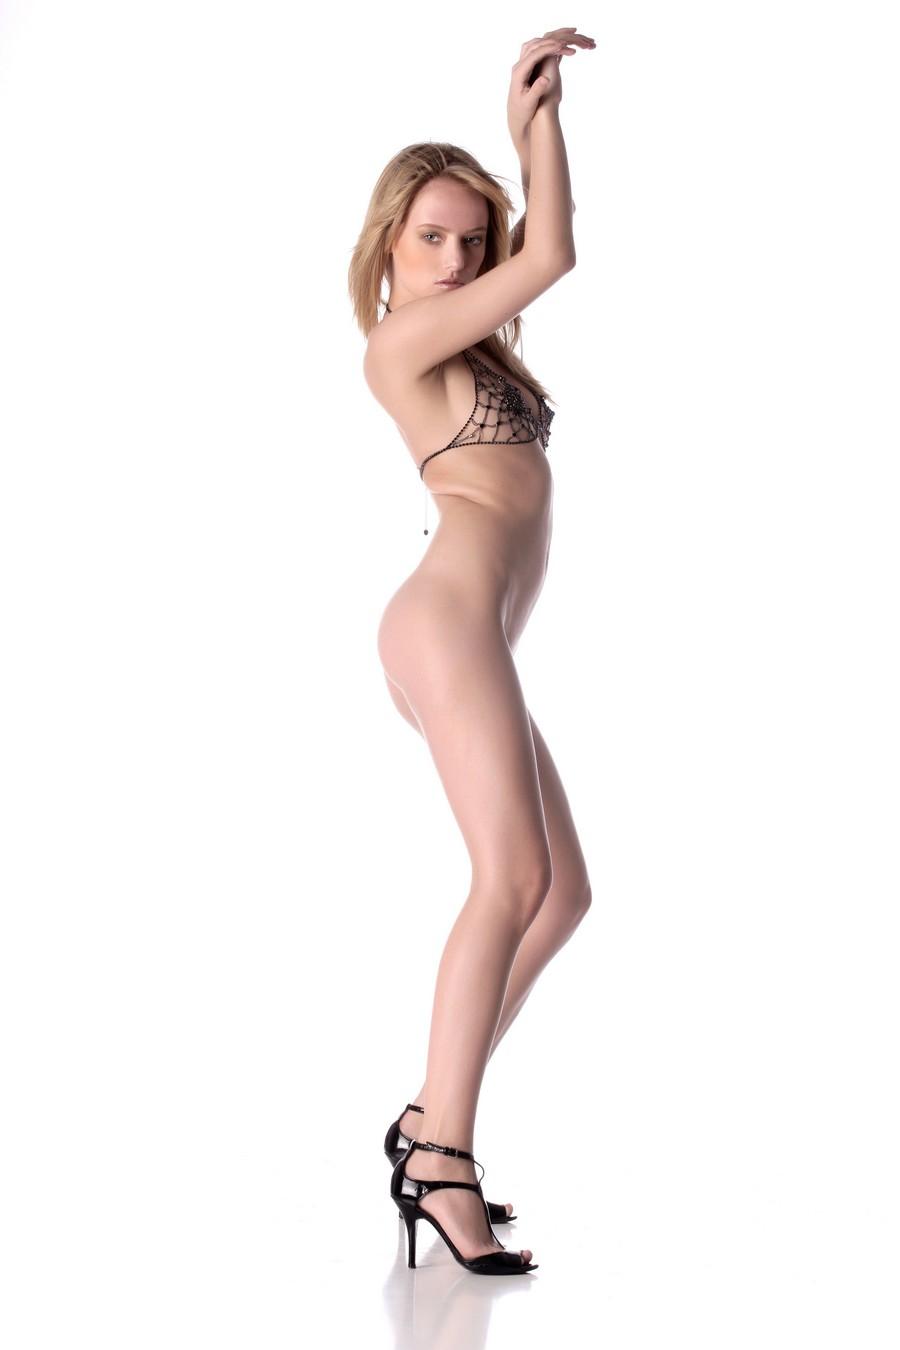 Aydemir Akbas Zerrin Egeliler  Turk Porn  Free Porn